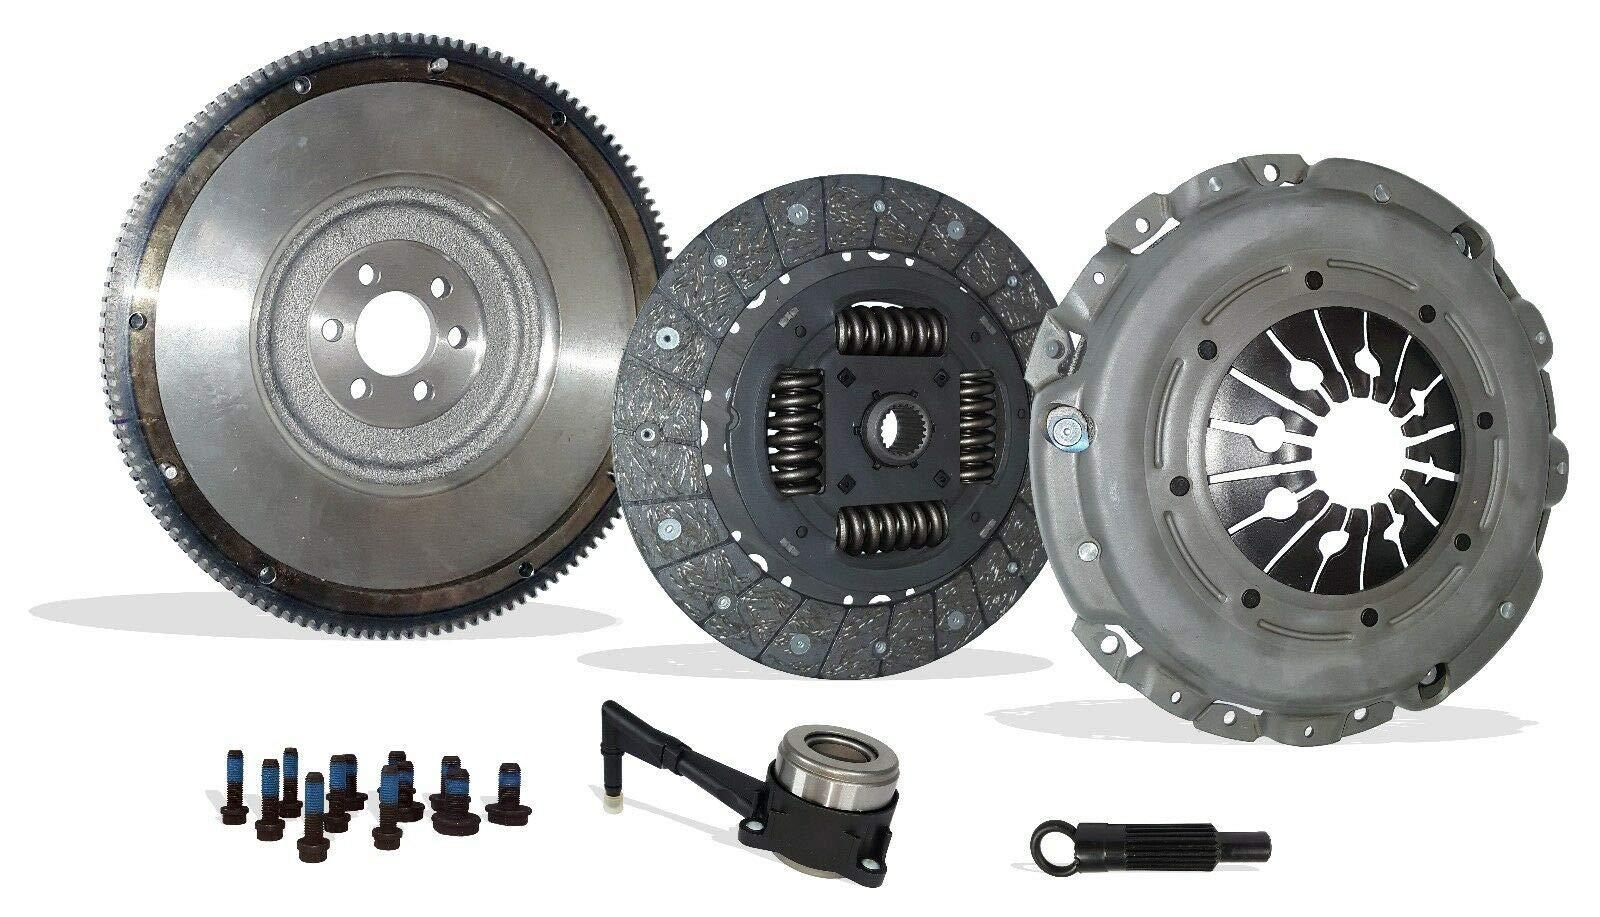 Clutch And Flywheel Conversion Kit works with Audi TT Quattro Volkswagen Beetle Golf Gti Jetta Base S Line Gl Gls Sportline Gti Gli Glx 2000-2006 1.8L L4 2.8L V6 (6 Speed)